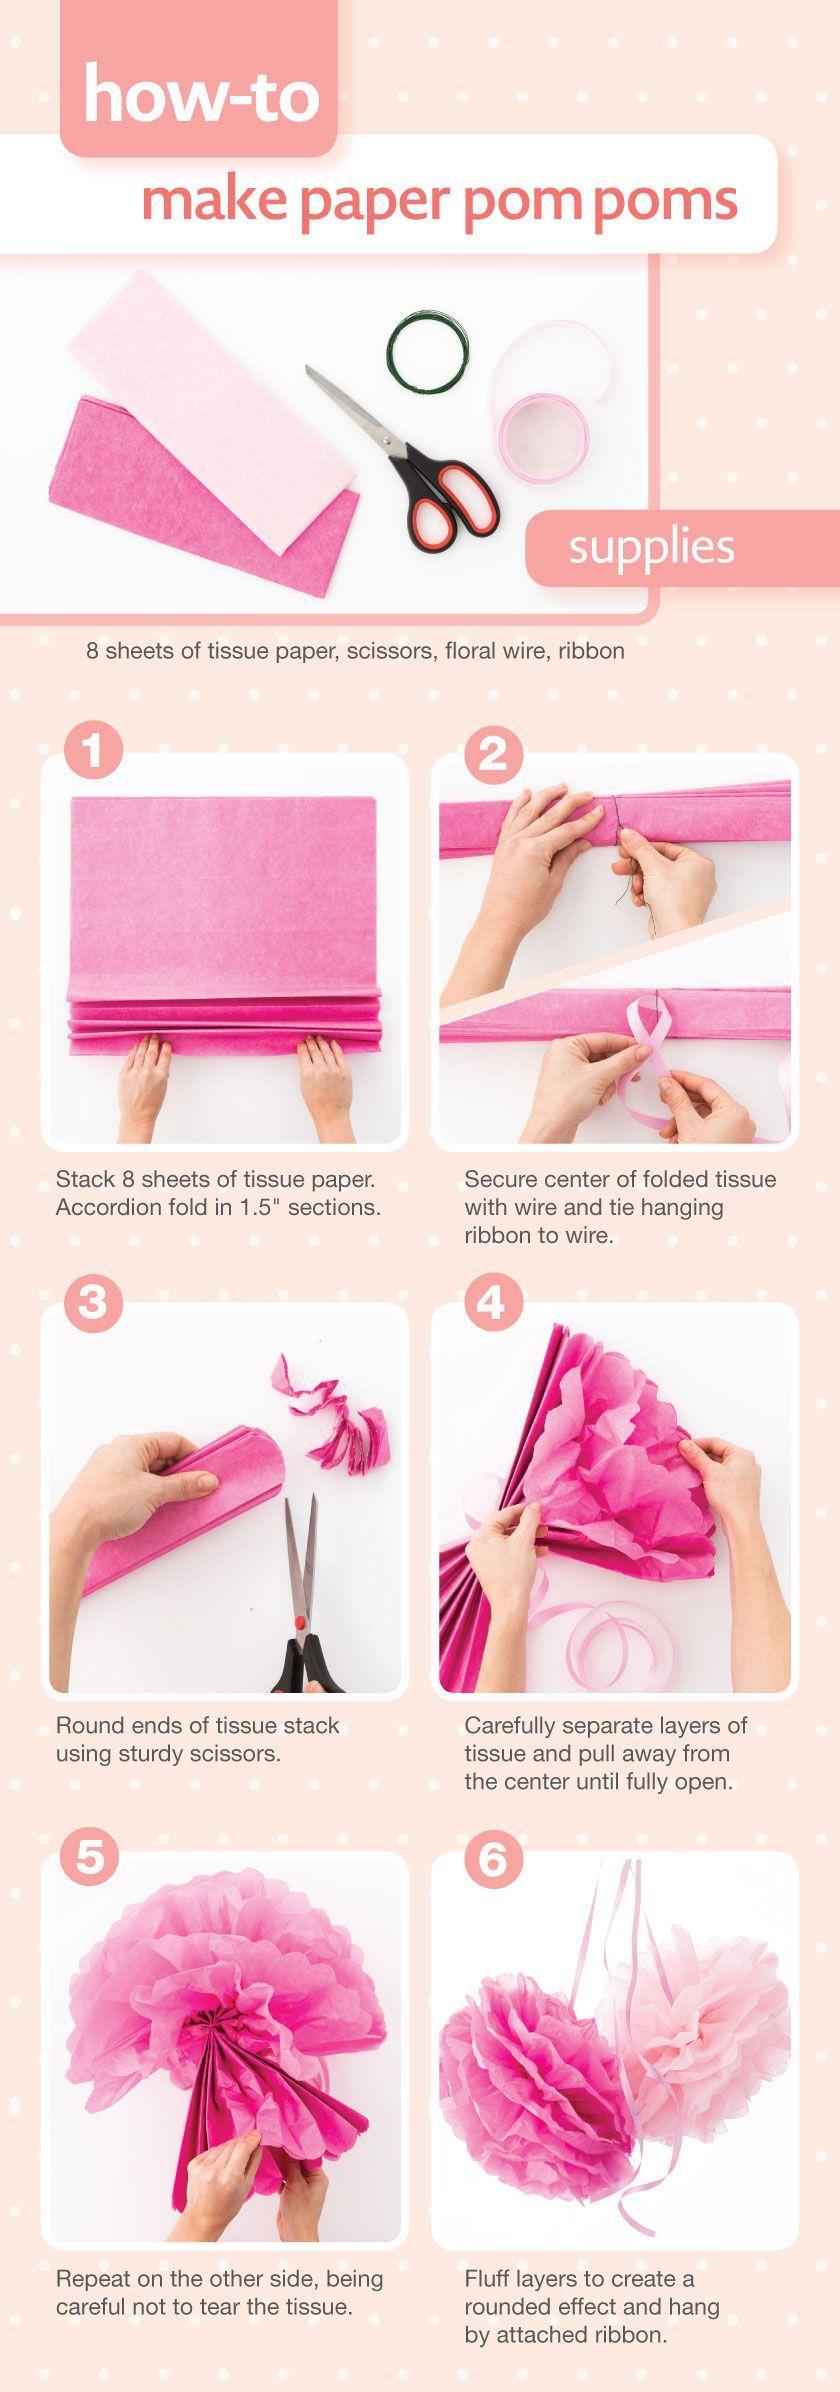 How-to make paper pom poms #diy